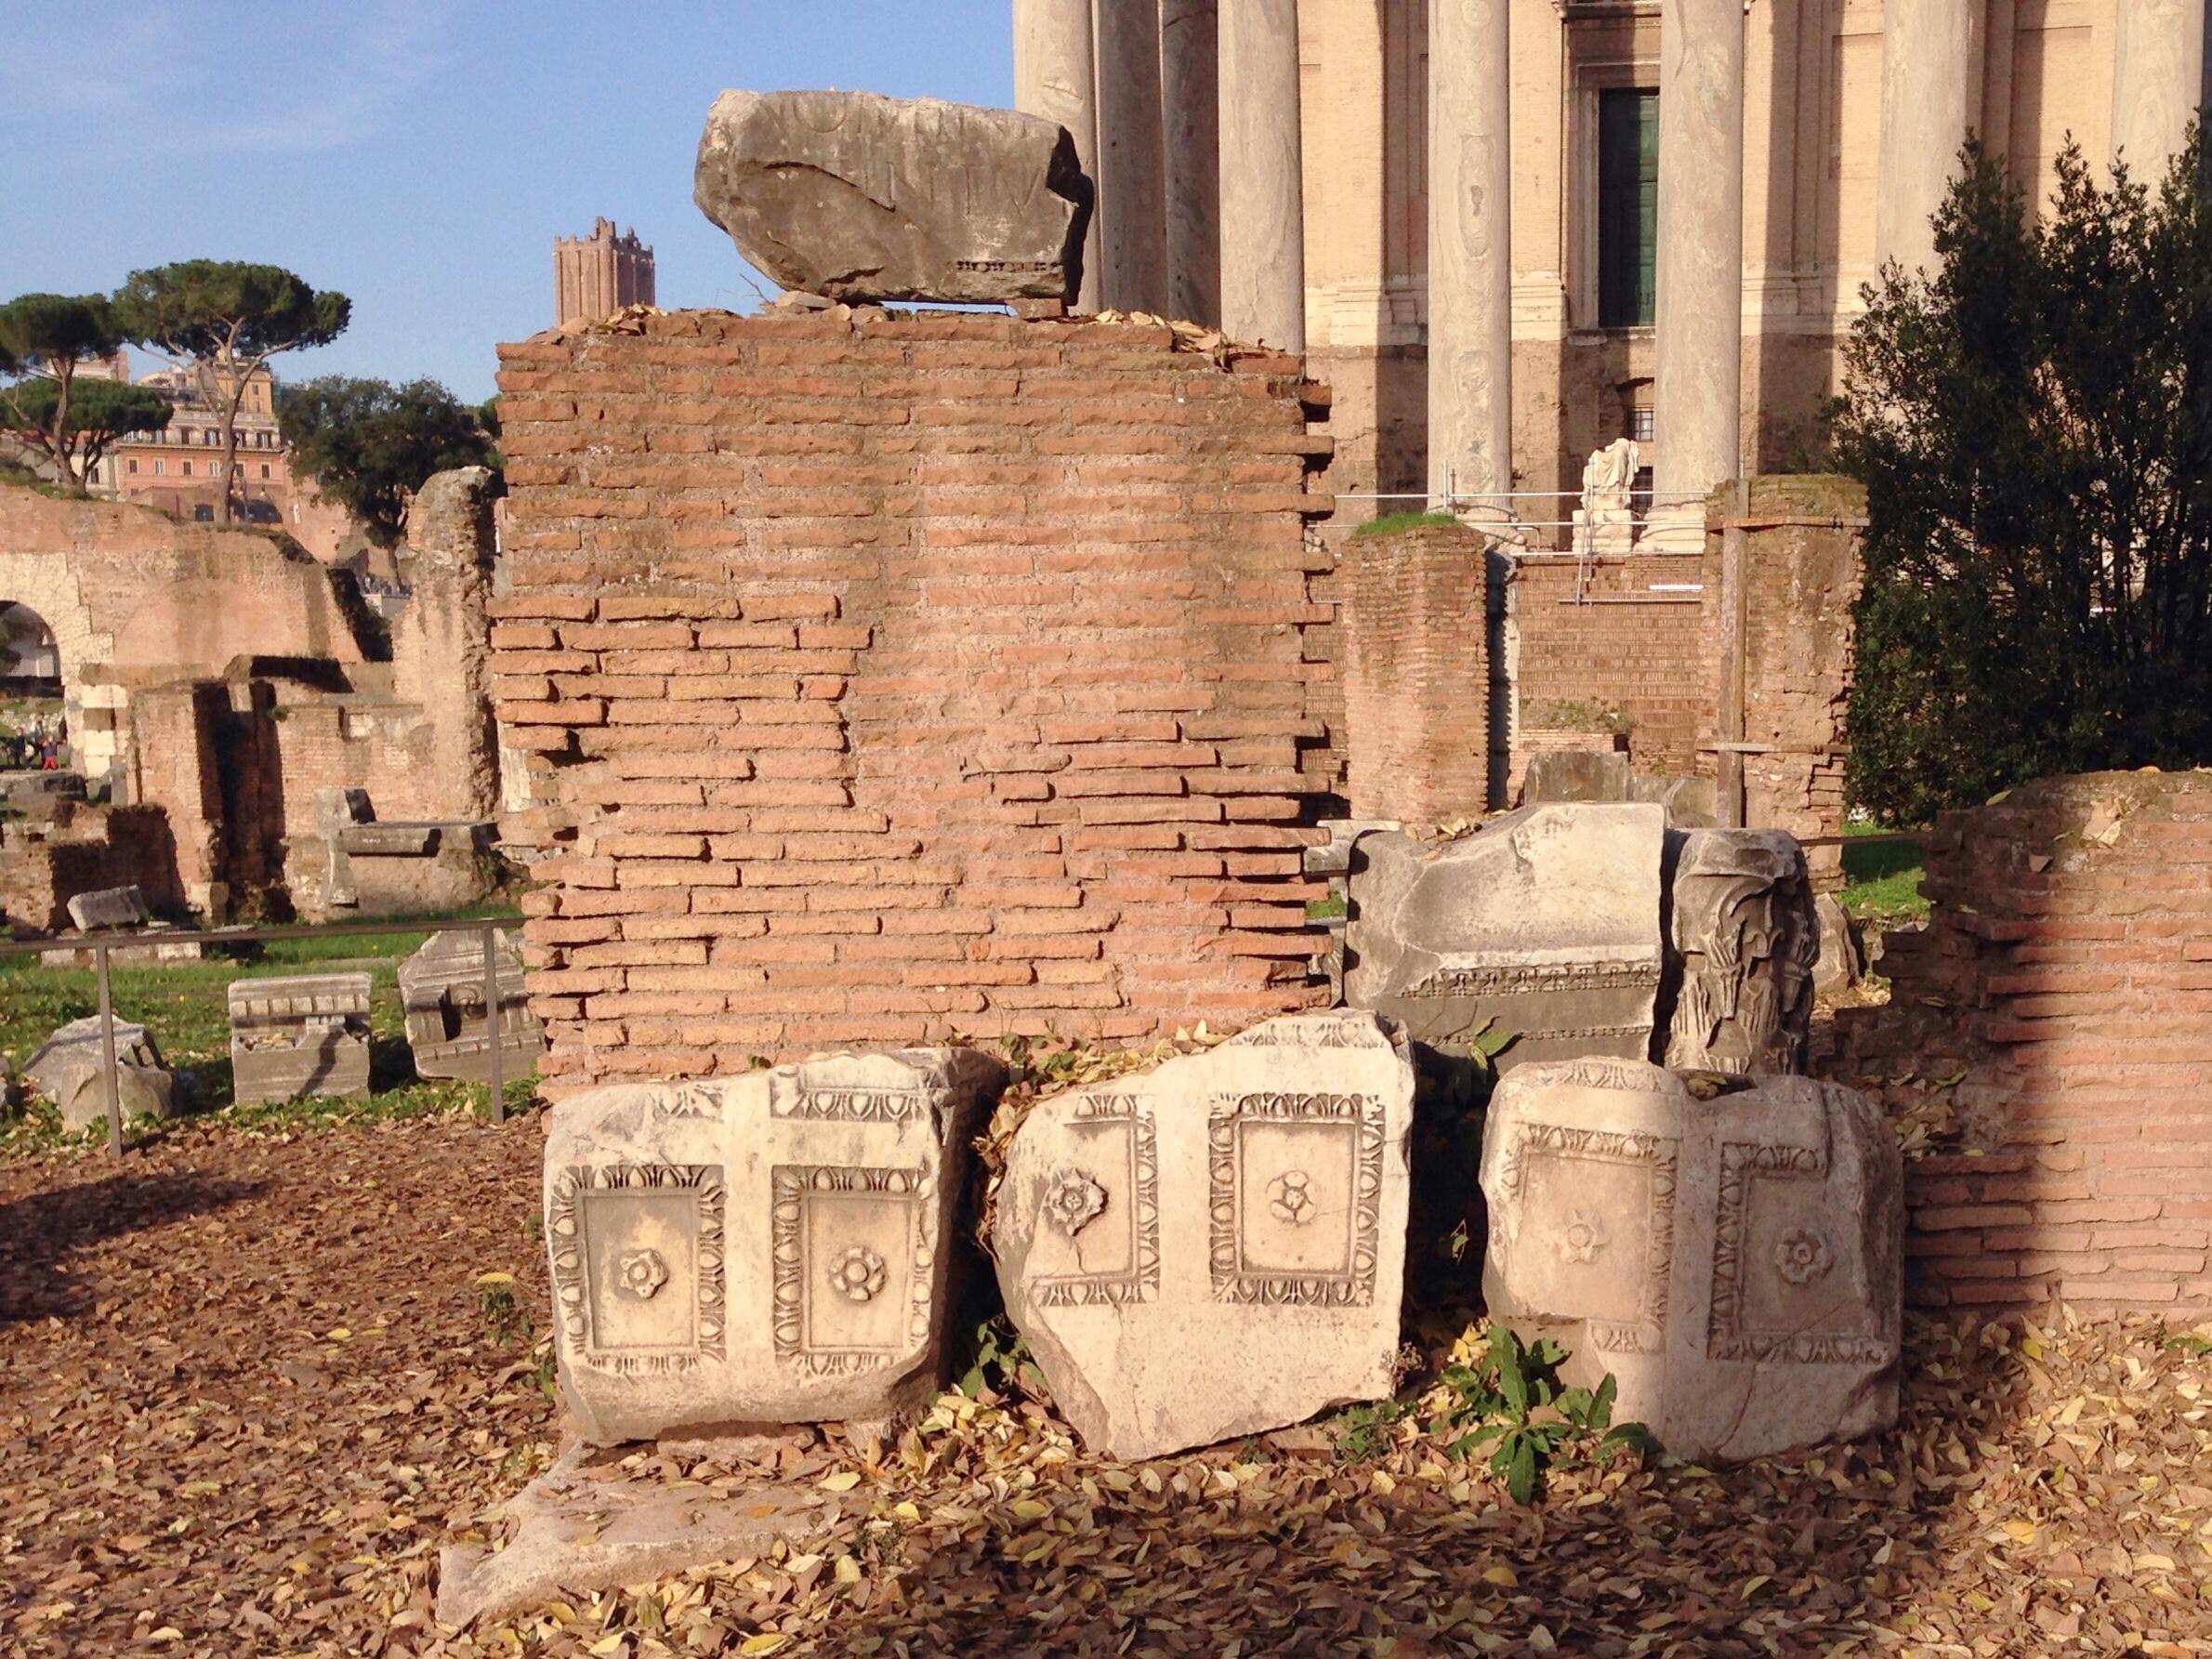 Broken relief work in the Roman Forum, Rome, Italy